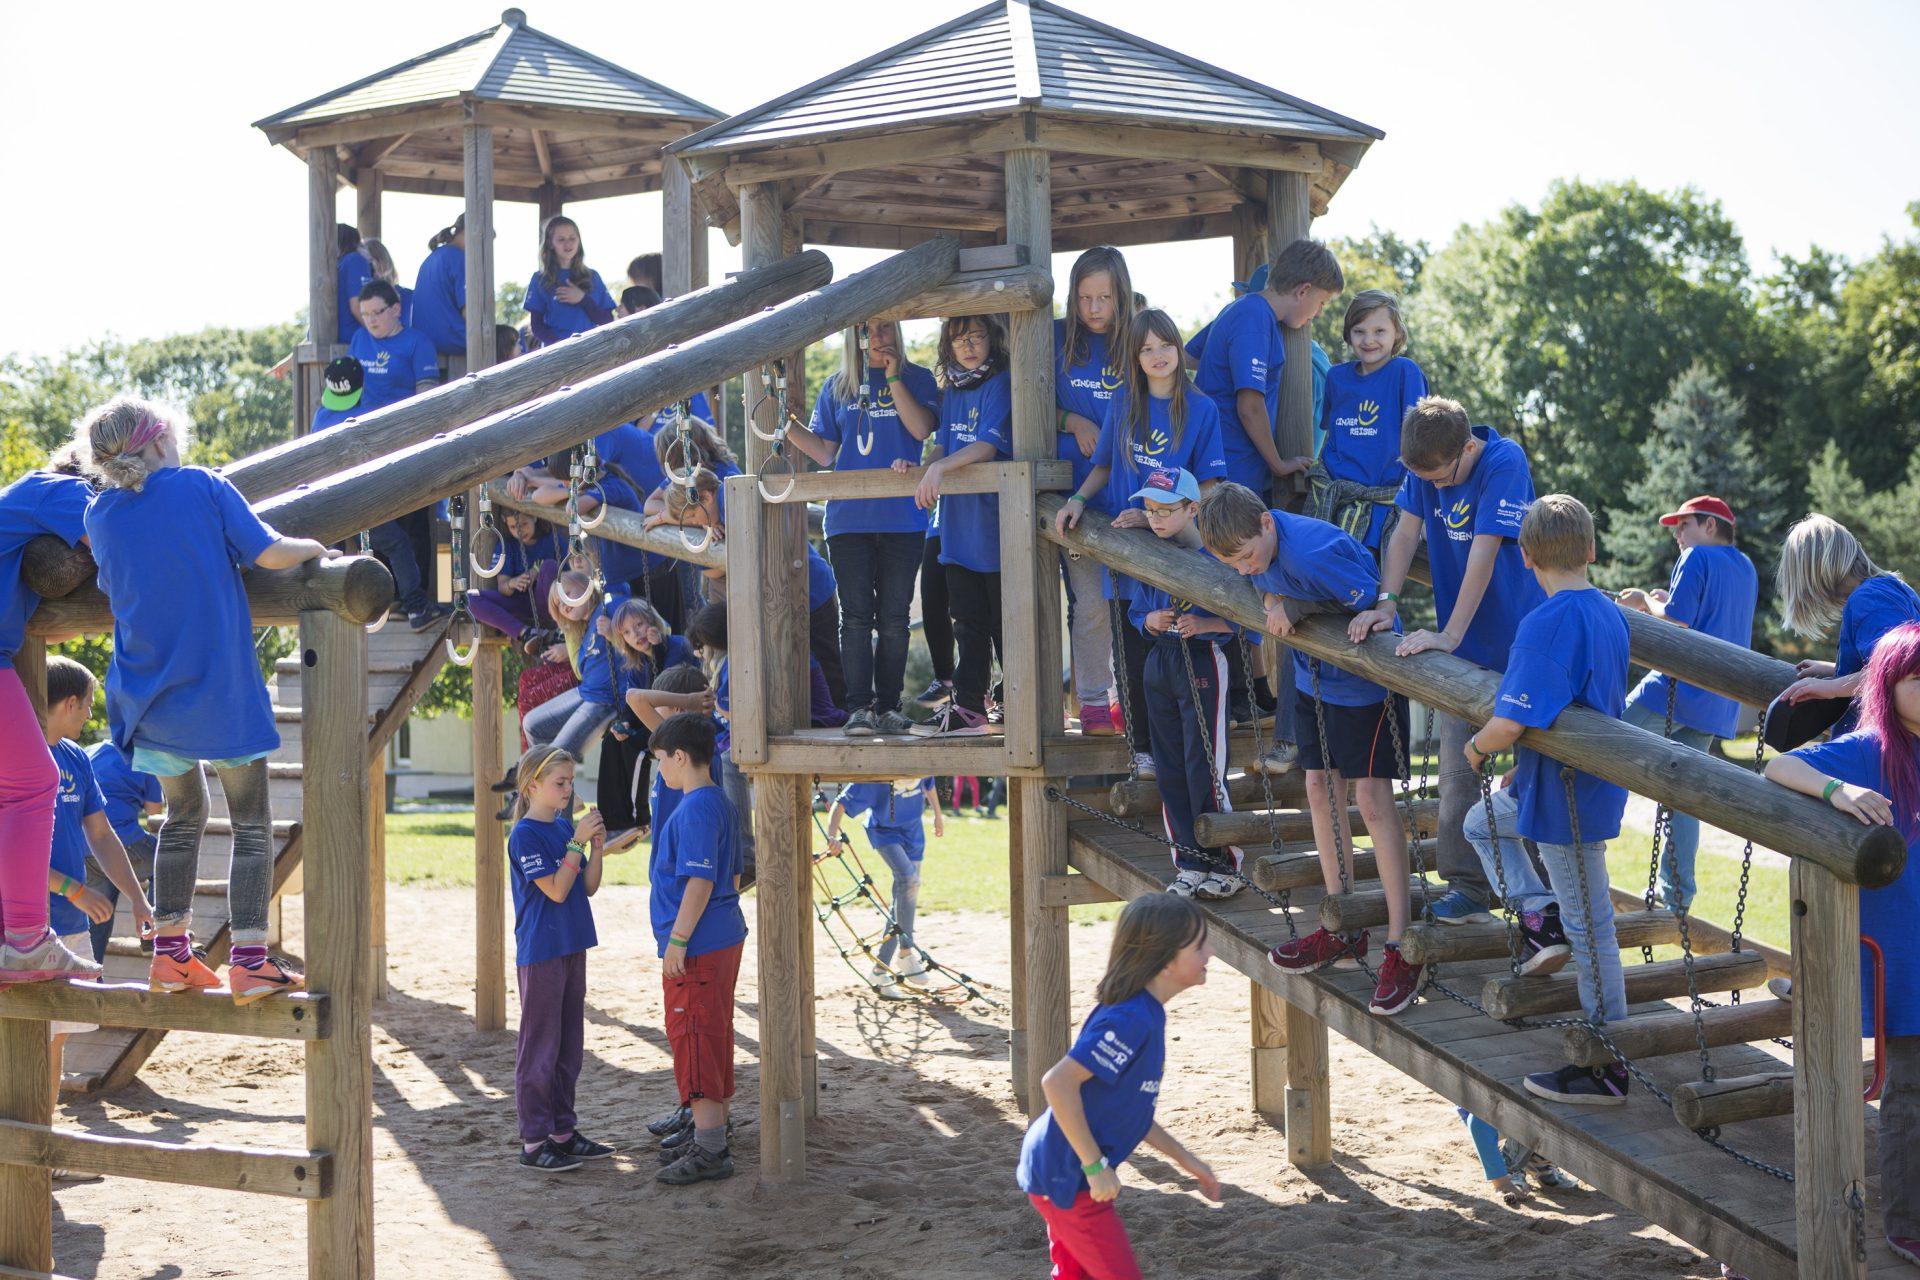 Feriencamps bieten Kindern Erfahrungen und Erfolgserlebnisse